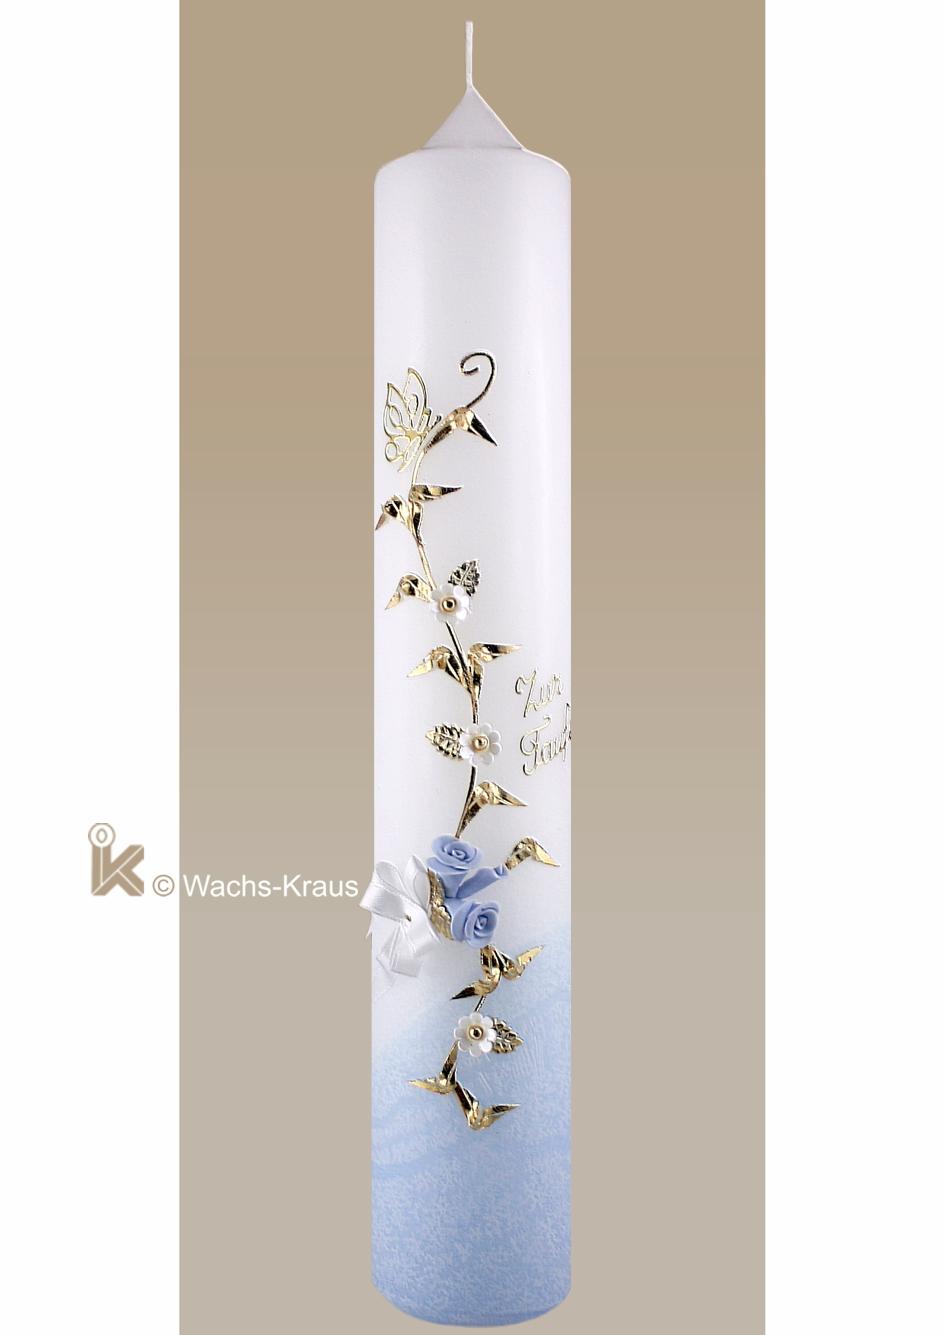 Aufwendig verzierte Taufkerze für Jungen. Unten zartblau getaucht, rankt sich eine goldene Blume mit weißen und blauen Blüten empor.